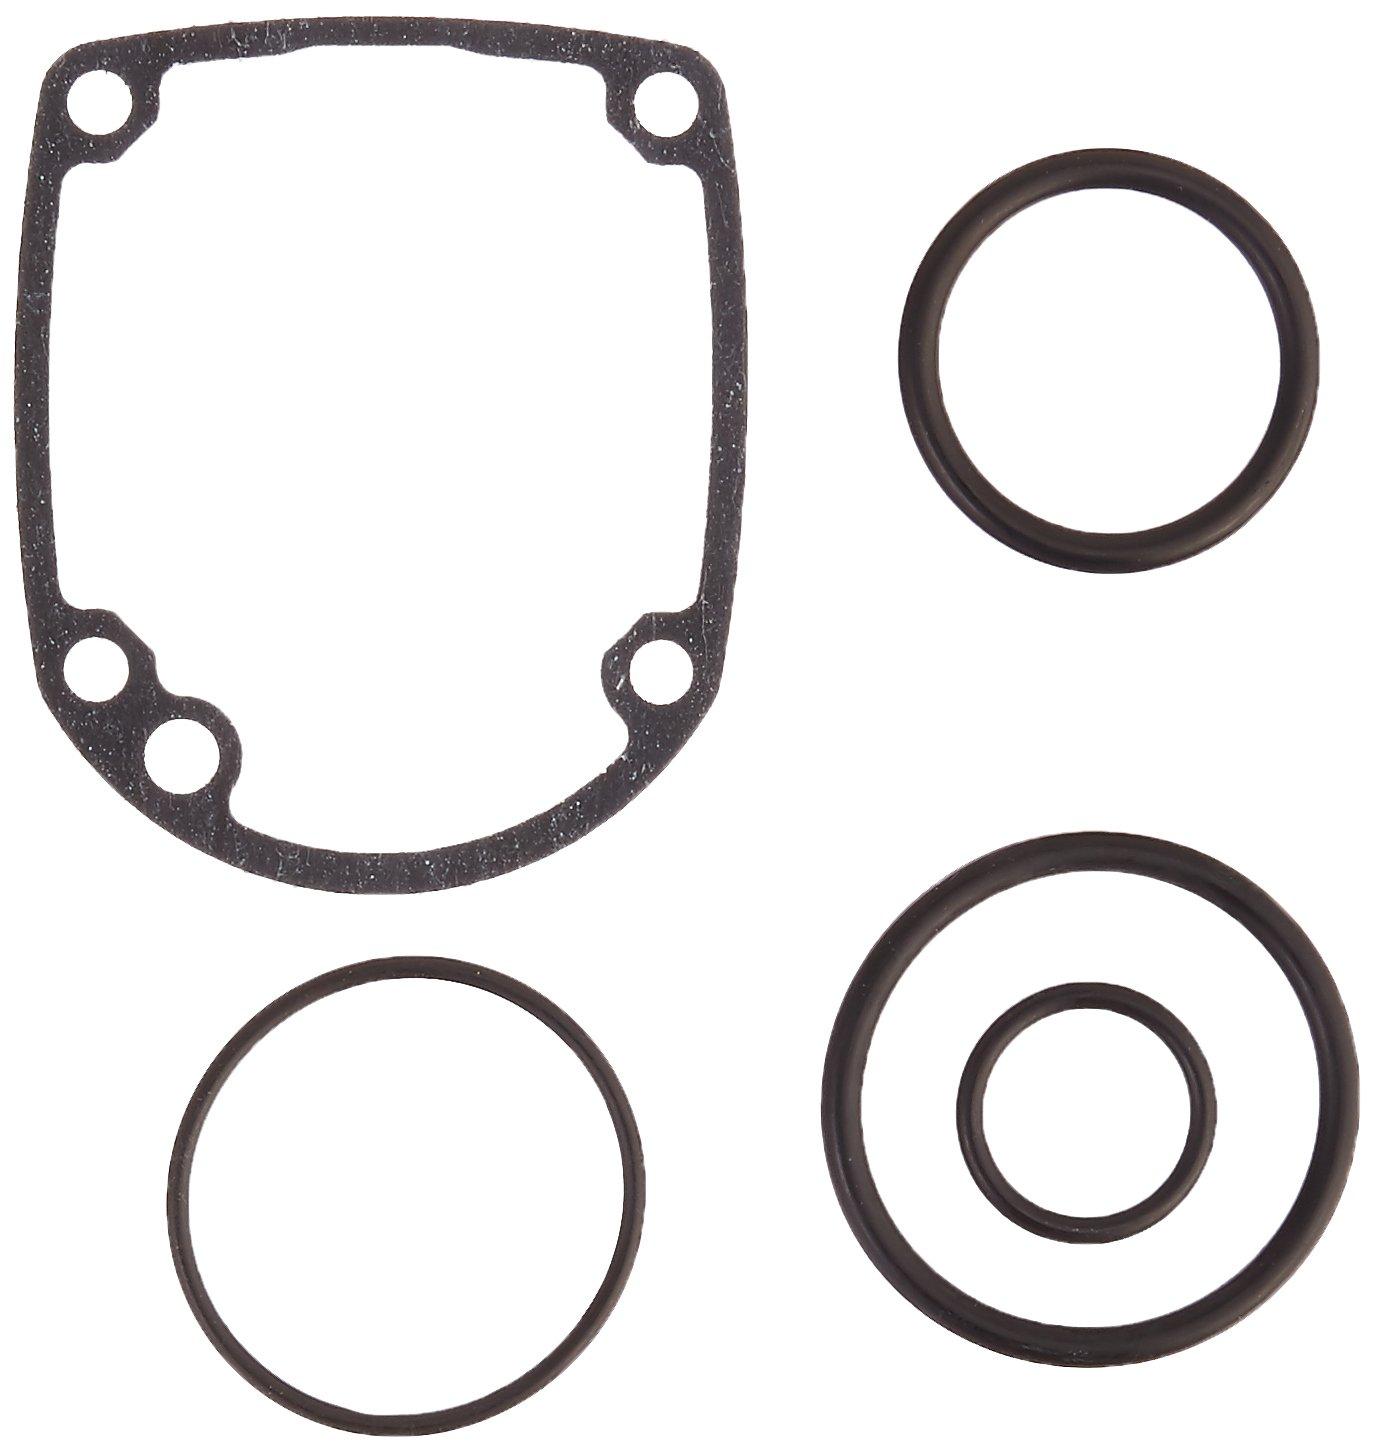 Hitachi 18013 O-Ring Parts Kit for NV50AP3 Nailer by Hitachi